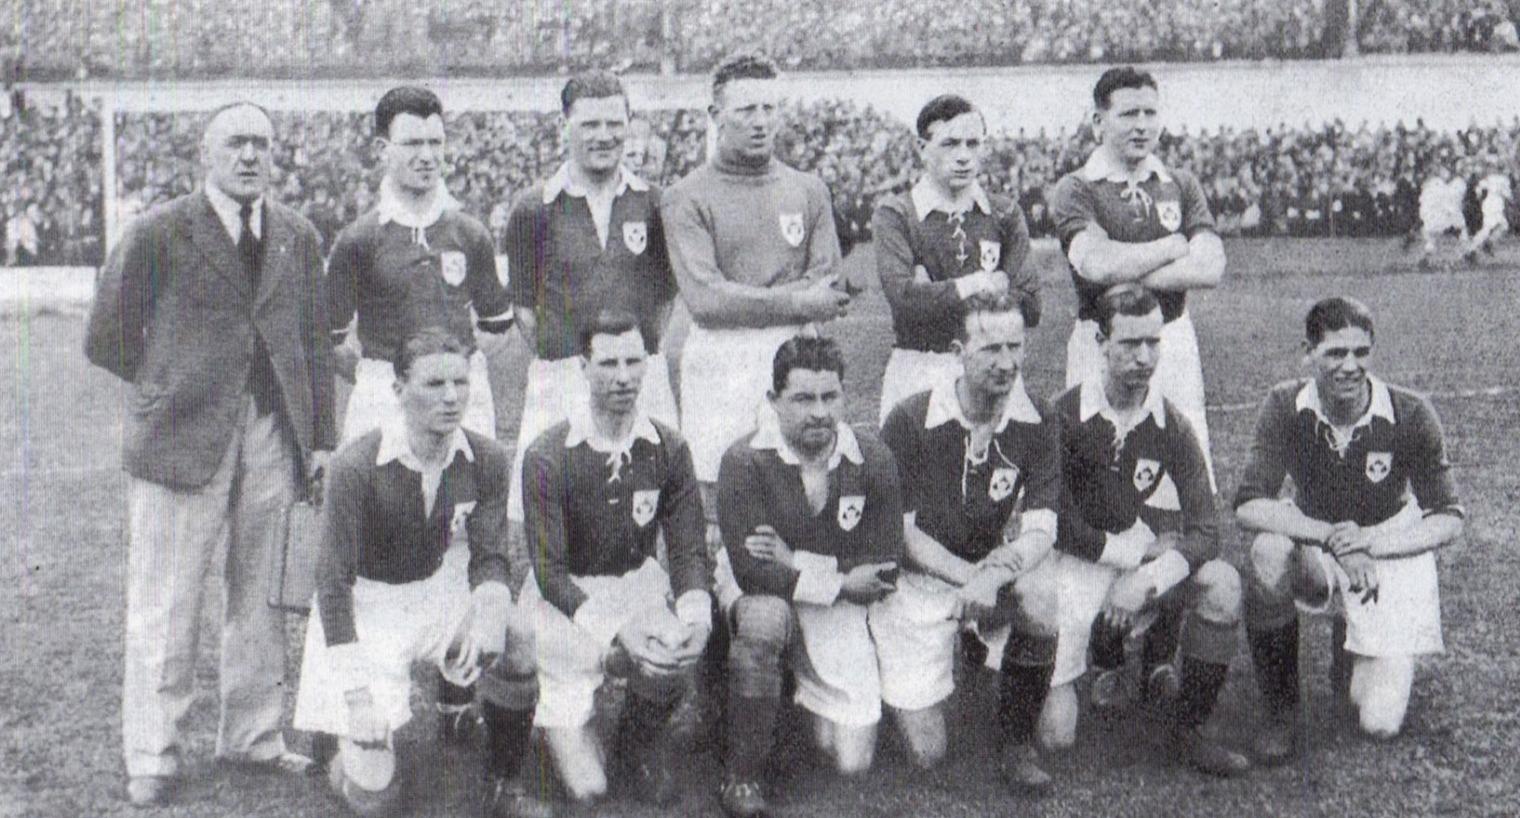 1934 Irish Free State Team